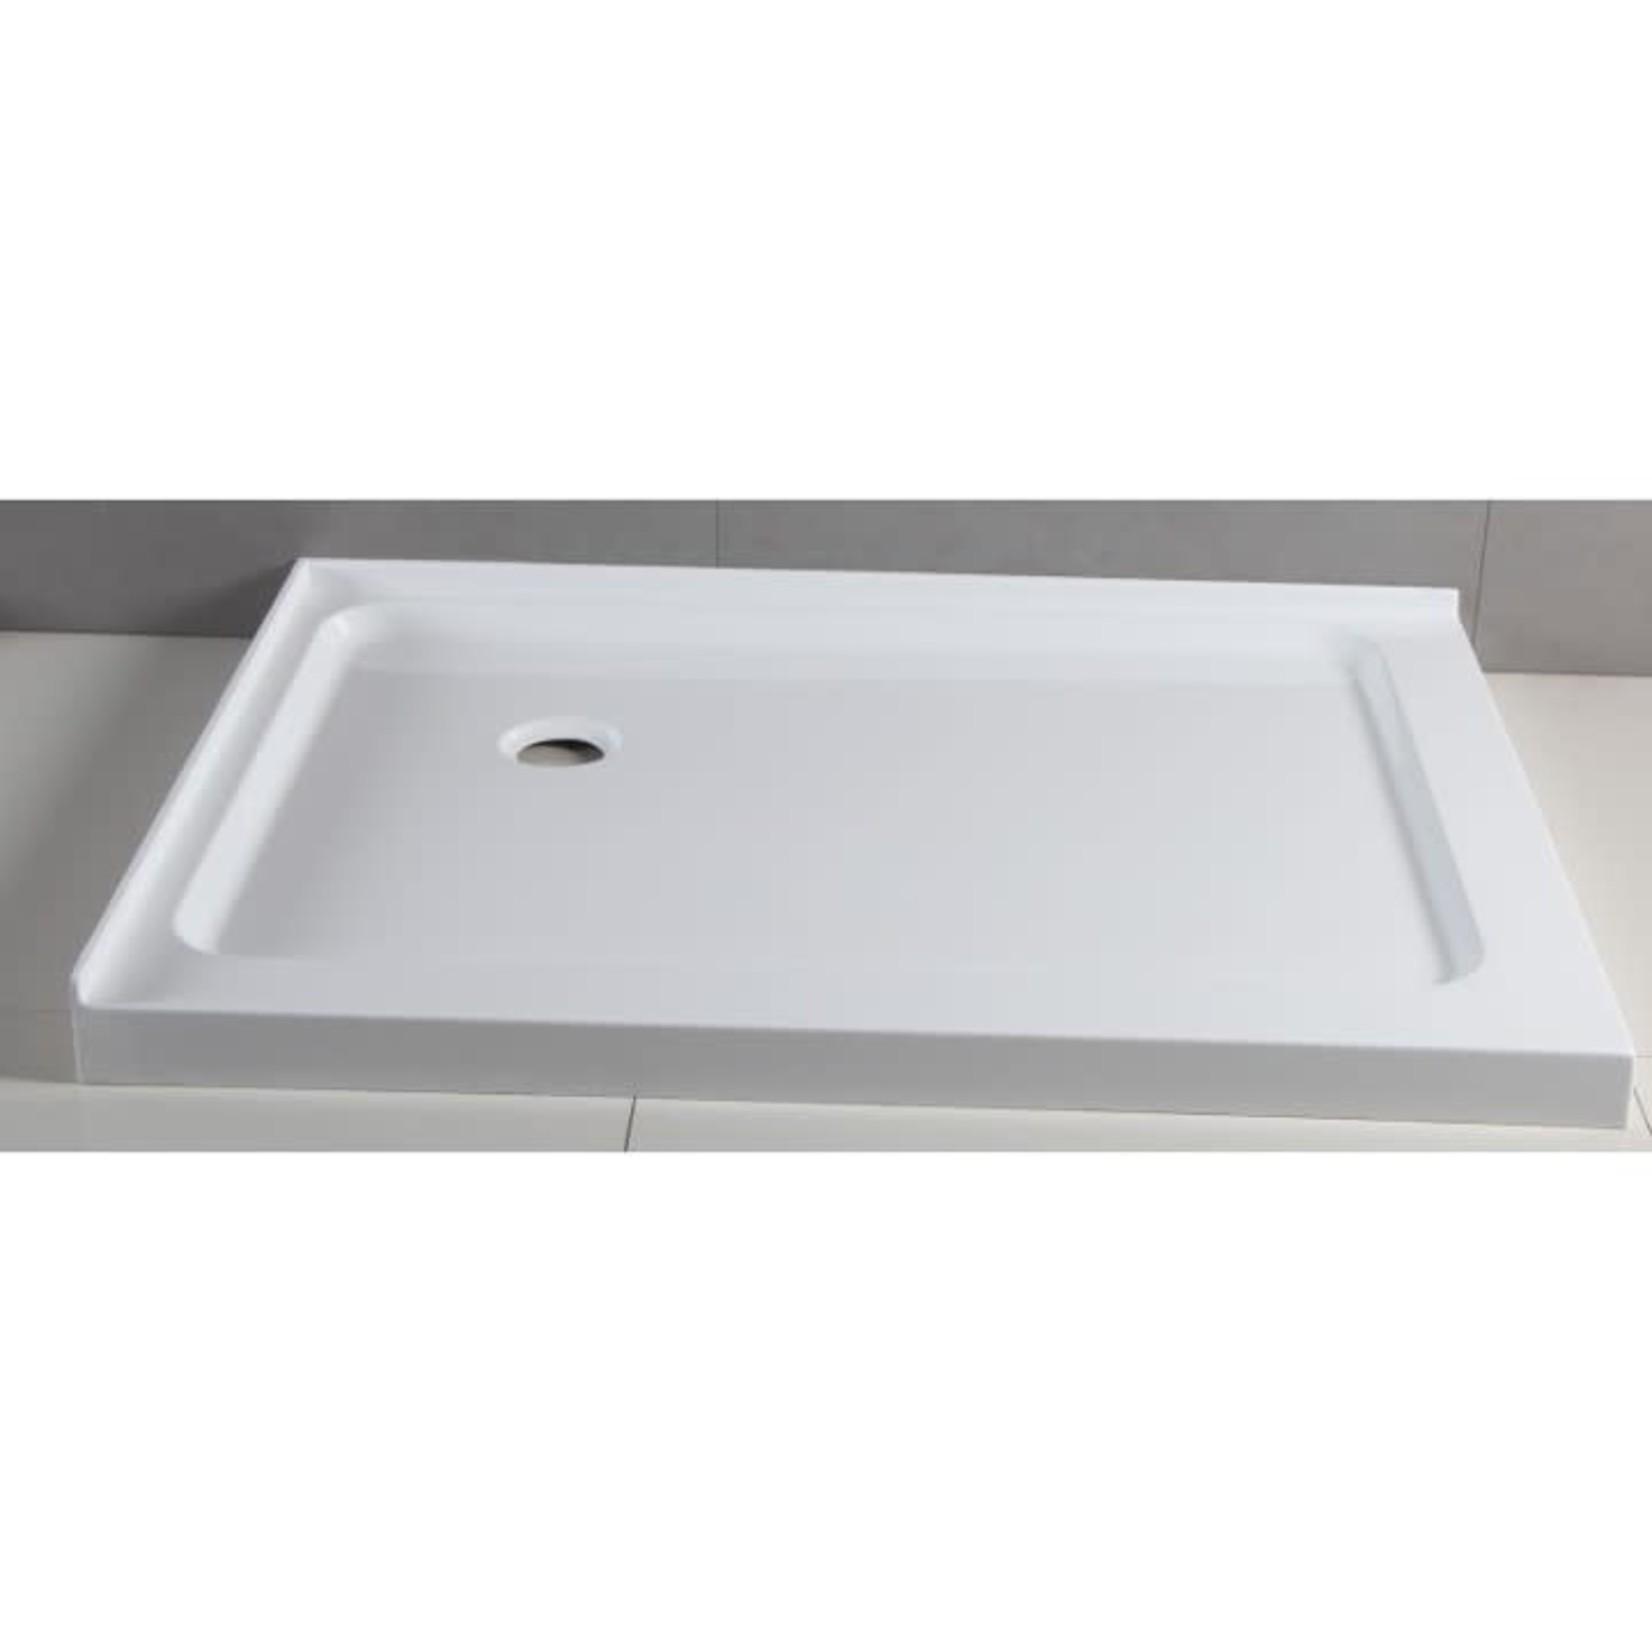 Base de douche 36x48 drain à 12-12 Installation gauche Apo DI